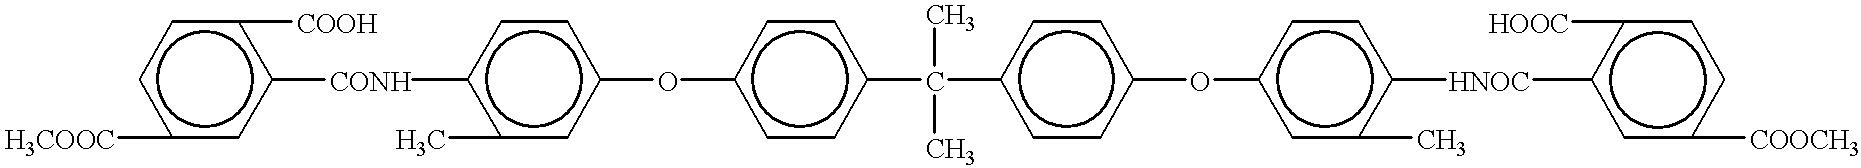 Figure US06180560-20010130-C00737